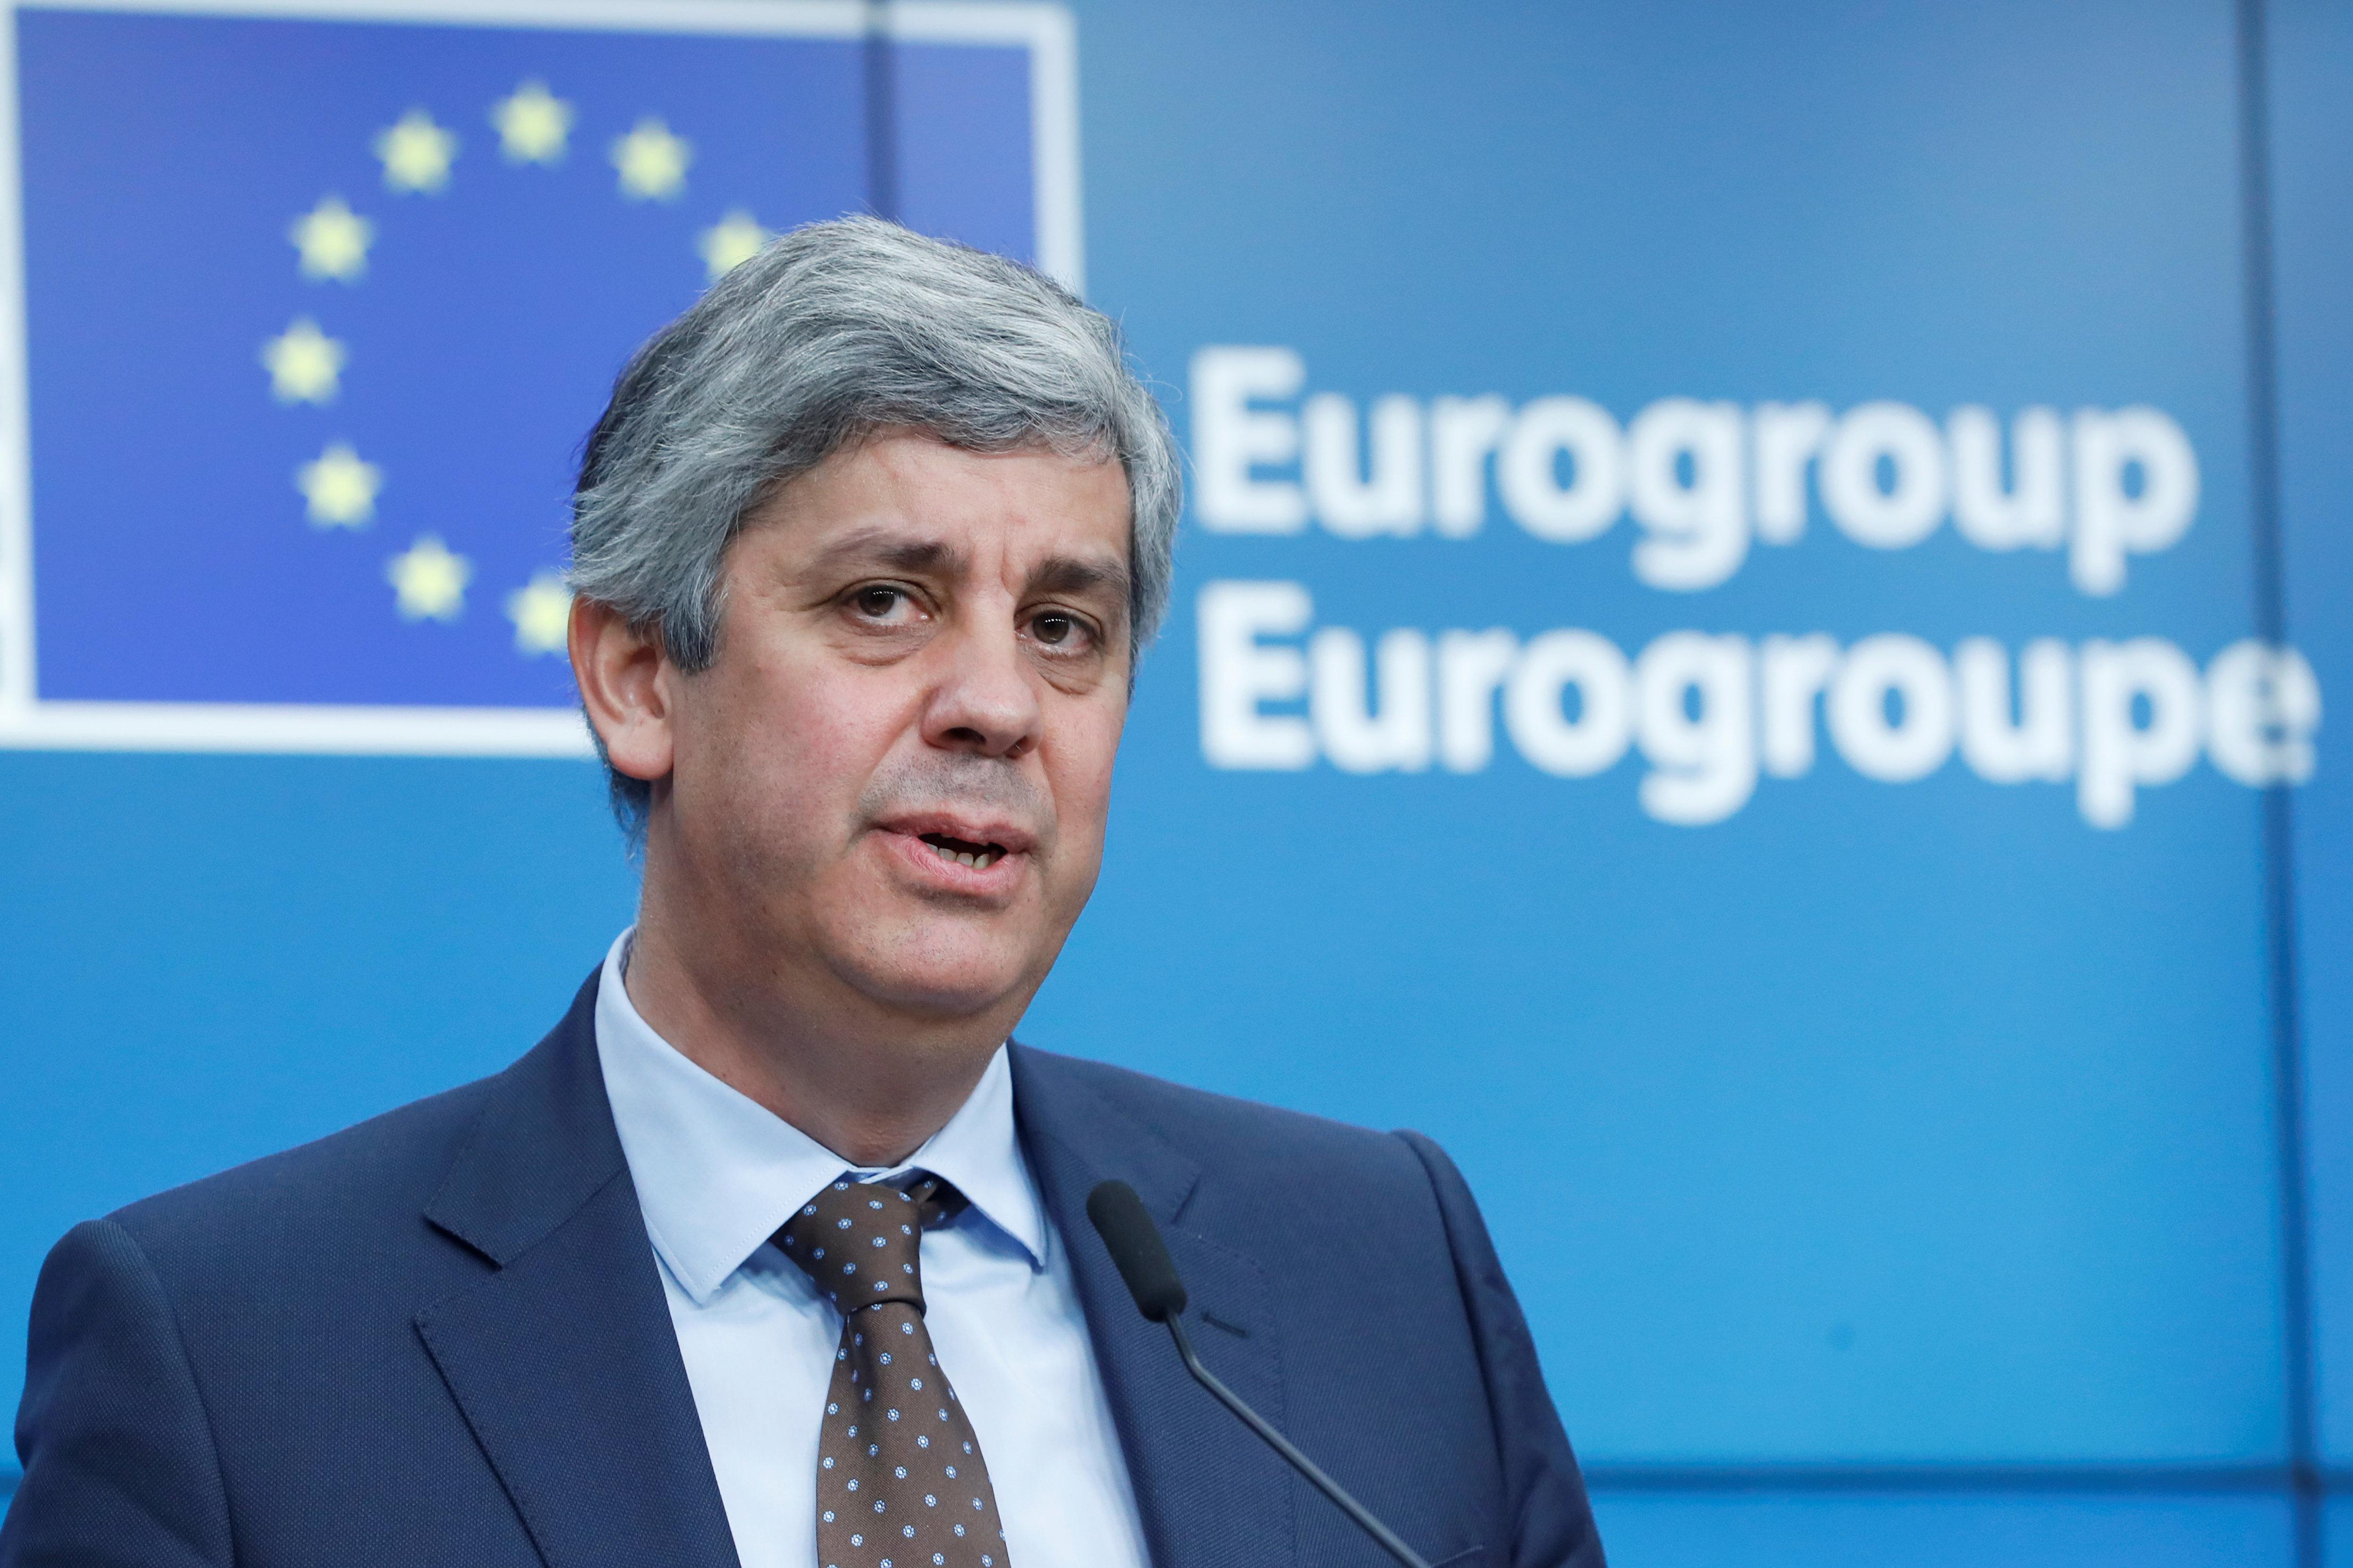 Σεντένο στη Bild: Η Ευρώπη πρέπει να συζητήσει την ελάφρυνση του ελληνικού χρέους, ακόμα και να προχωρήσει χωρίς το